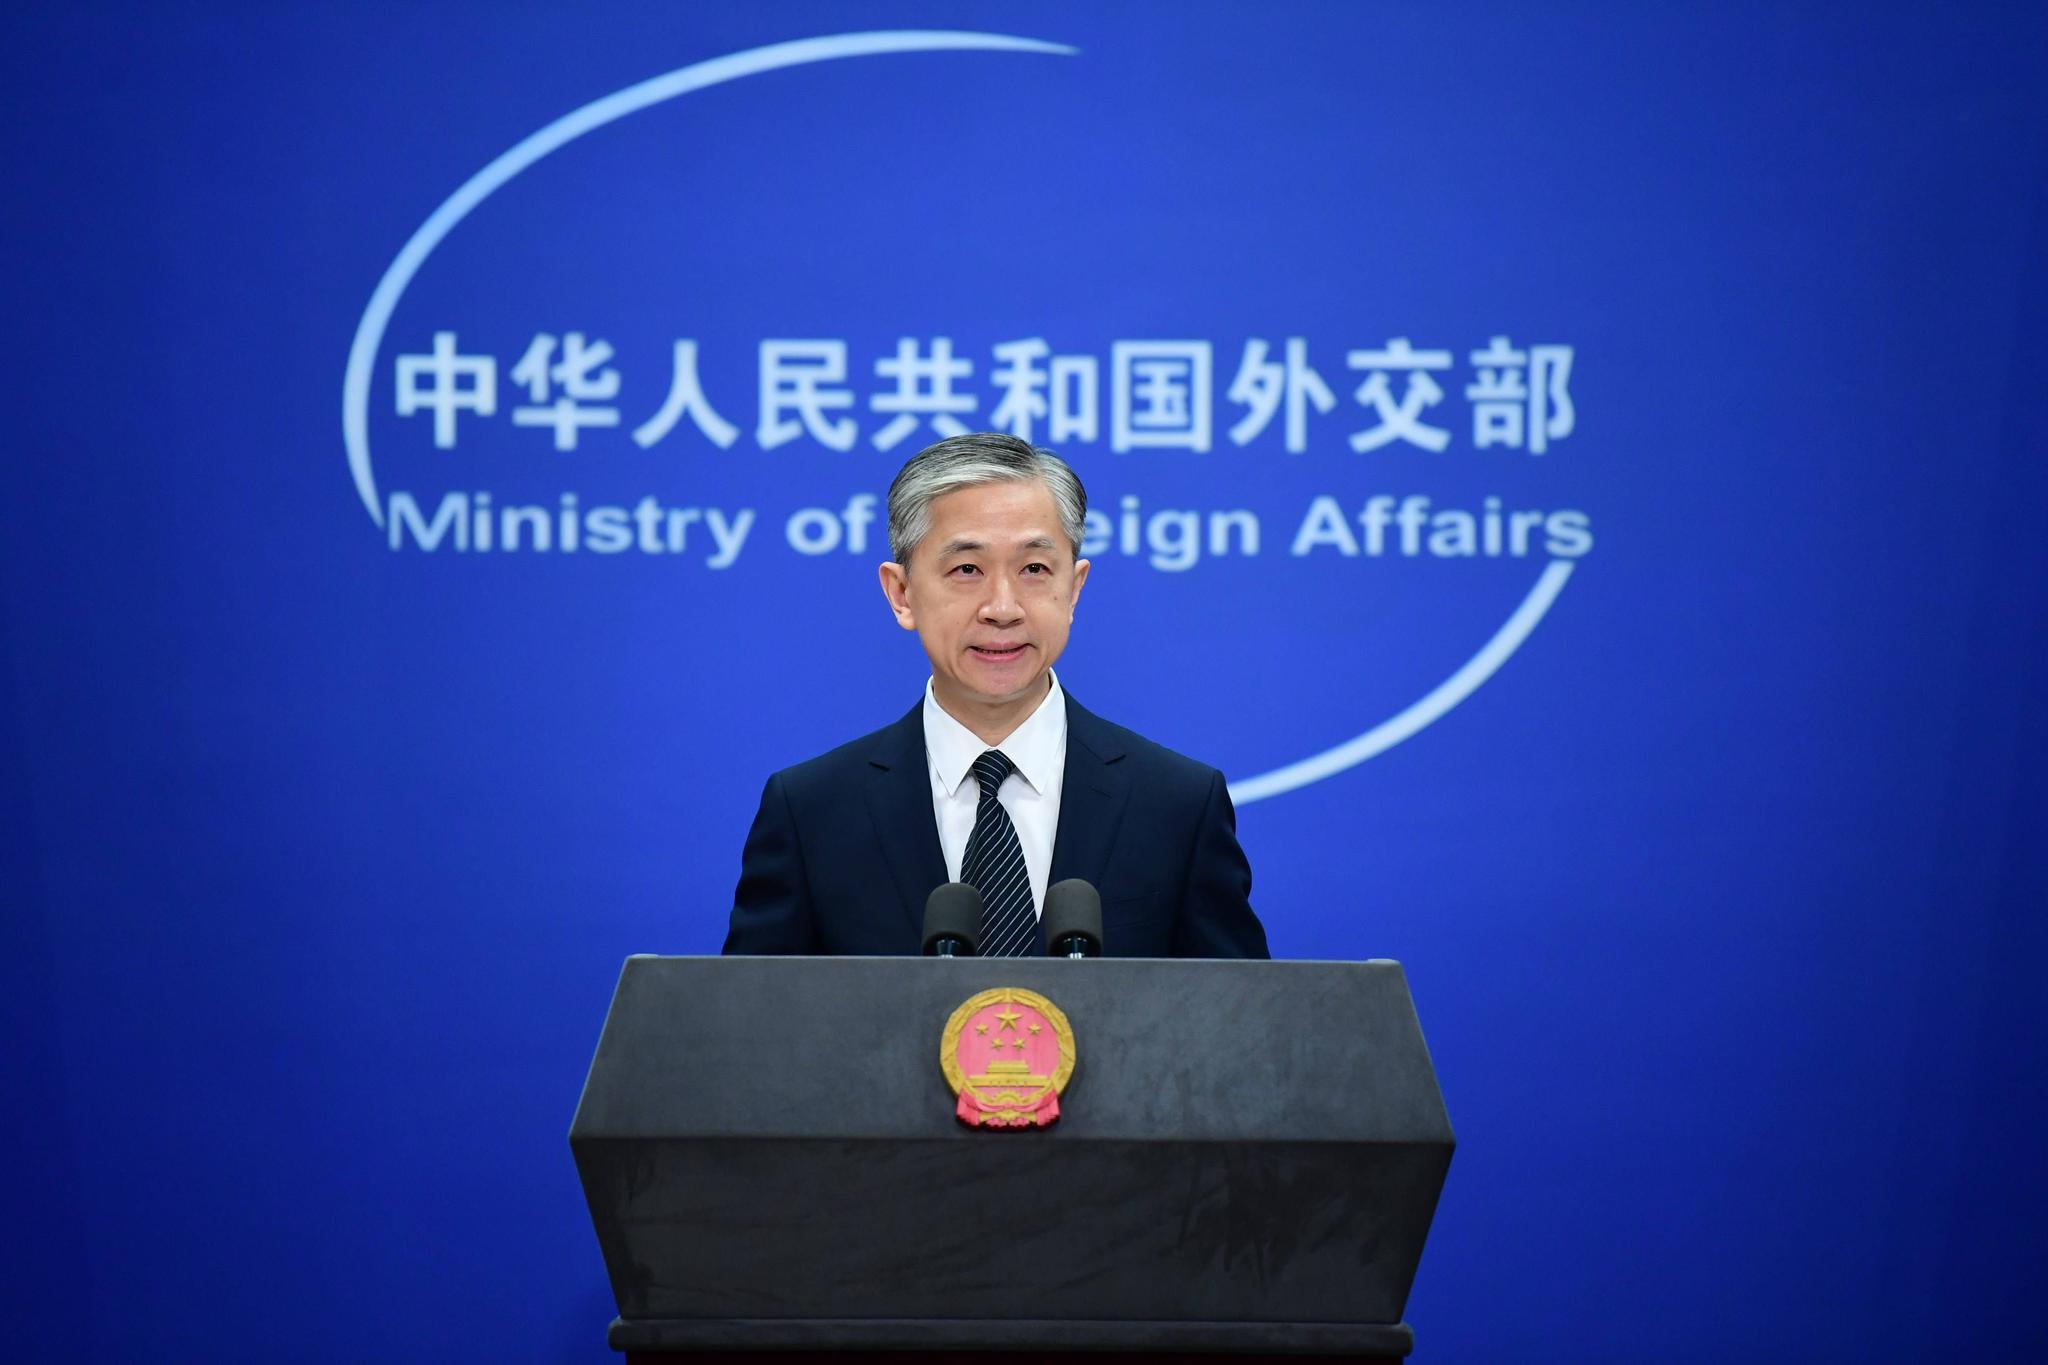 中国黑客窃取疫苗信息? 外交部:中国疫苗研发国际领先不需要窃取